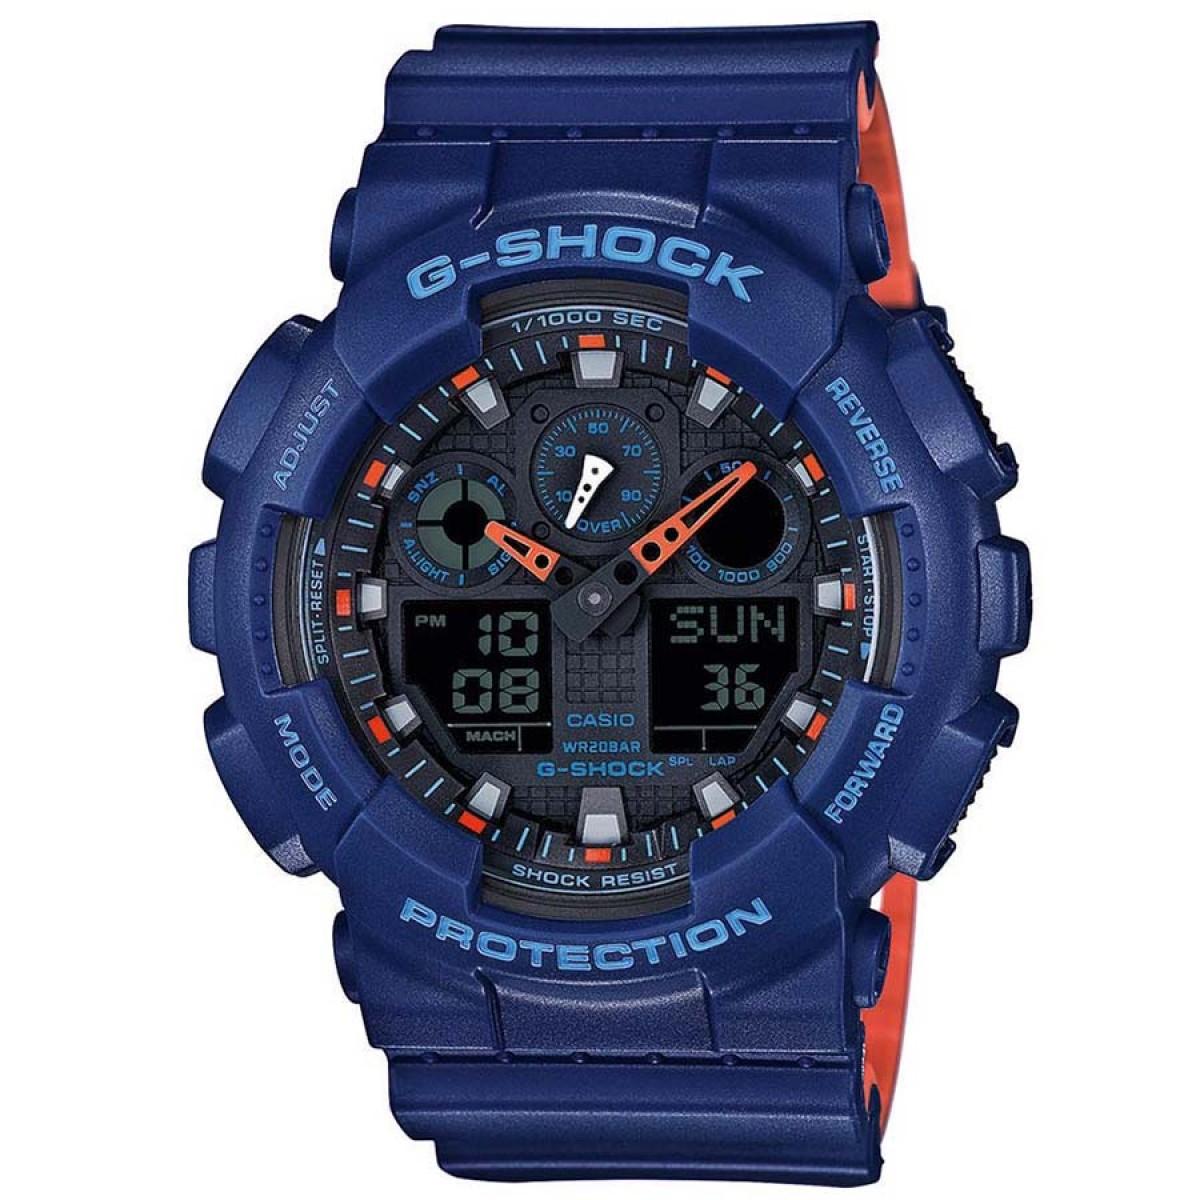 CASIO G-Shock Blue Rubber Strap GA-100L-2AER